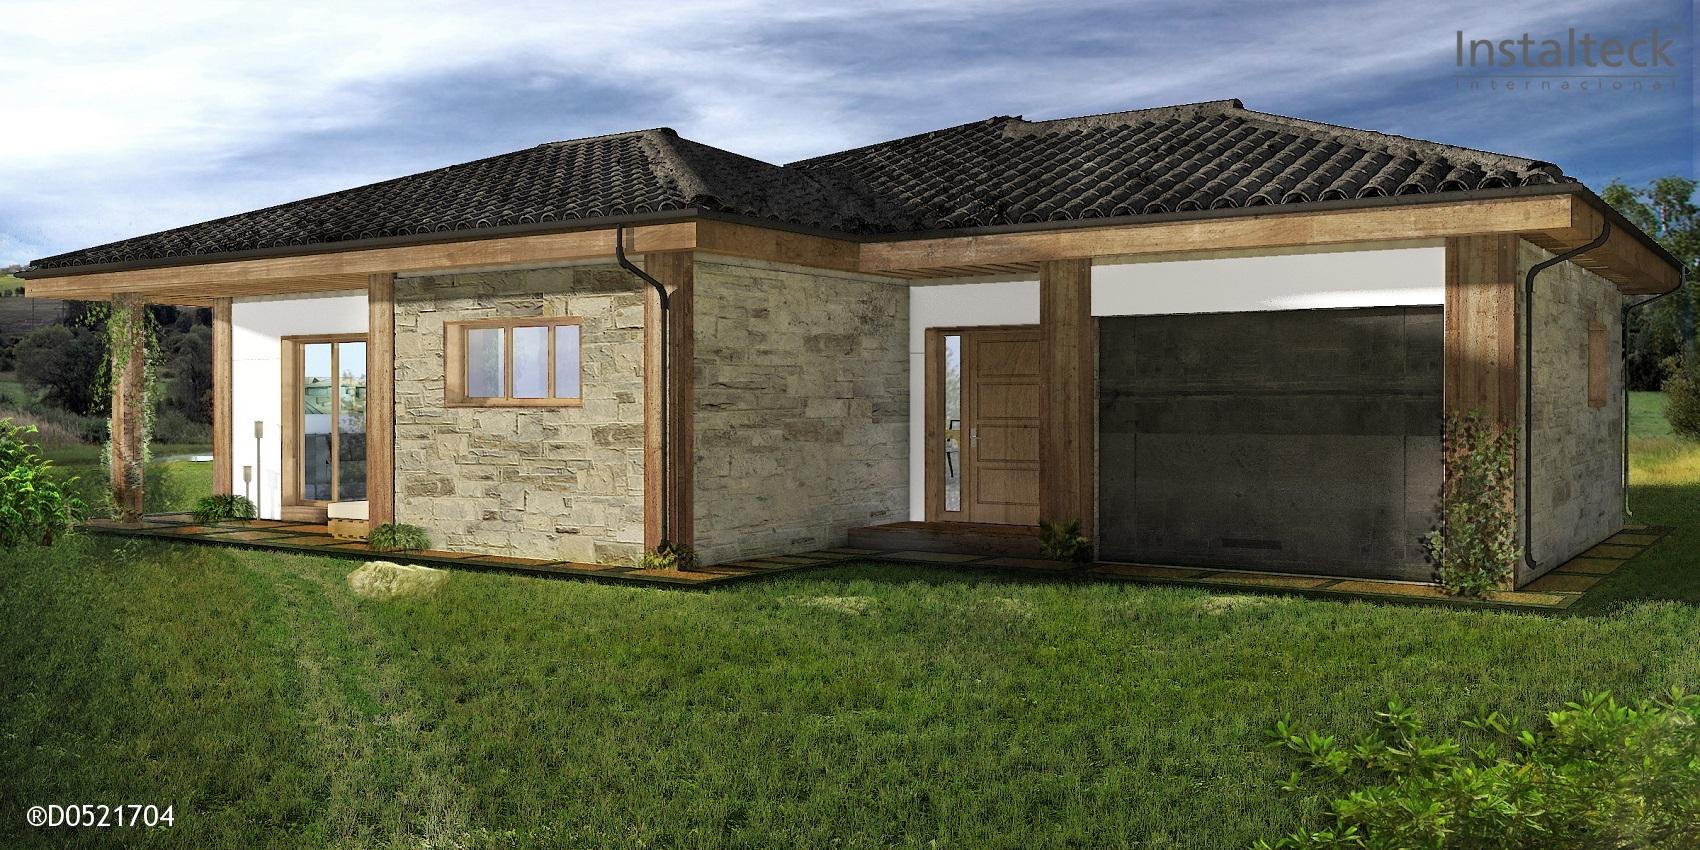 Casa prefabricada in teck 162 instalteckinstalteck - Modelos casa prefabricadas ...